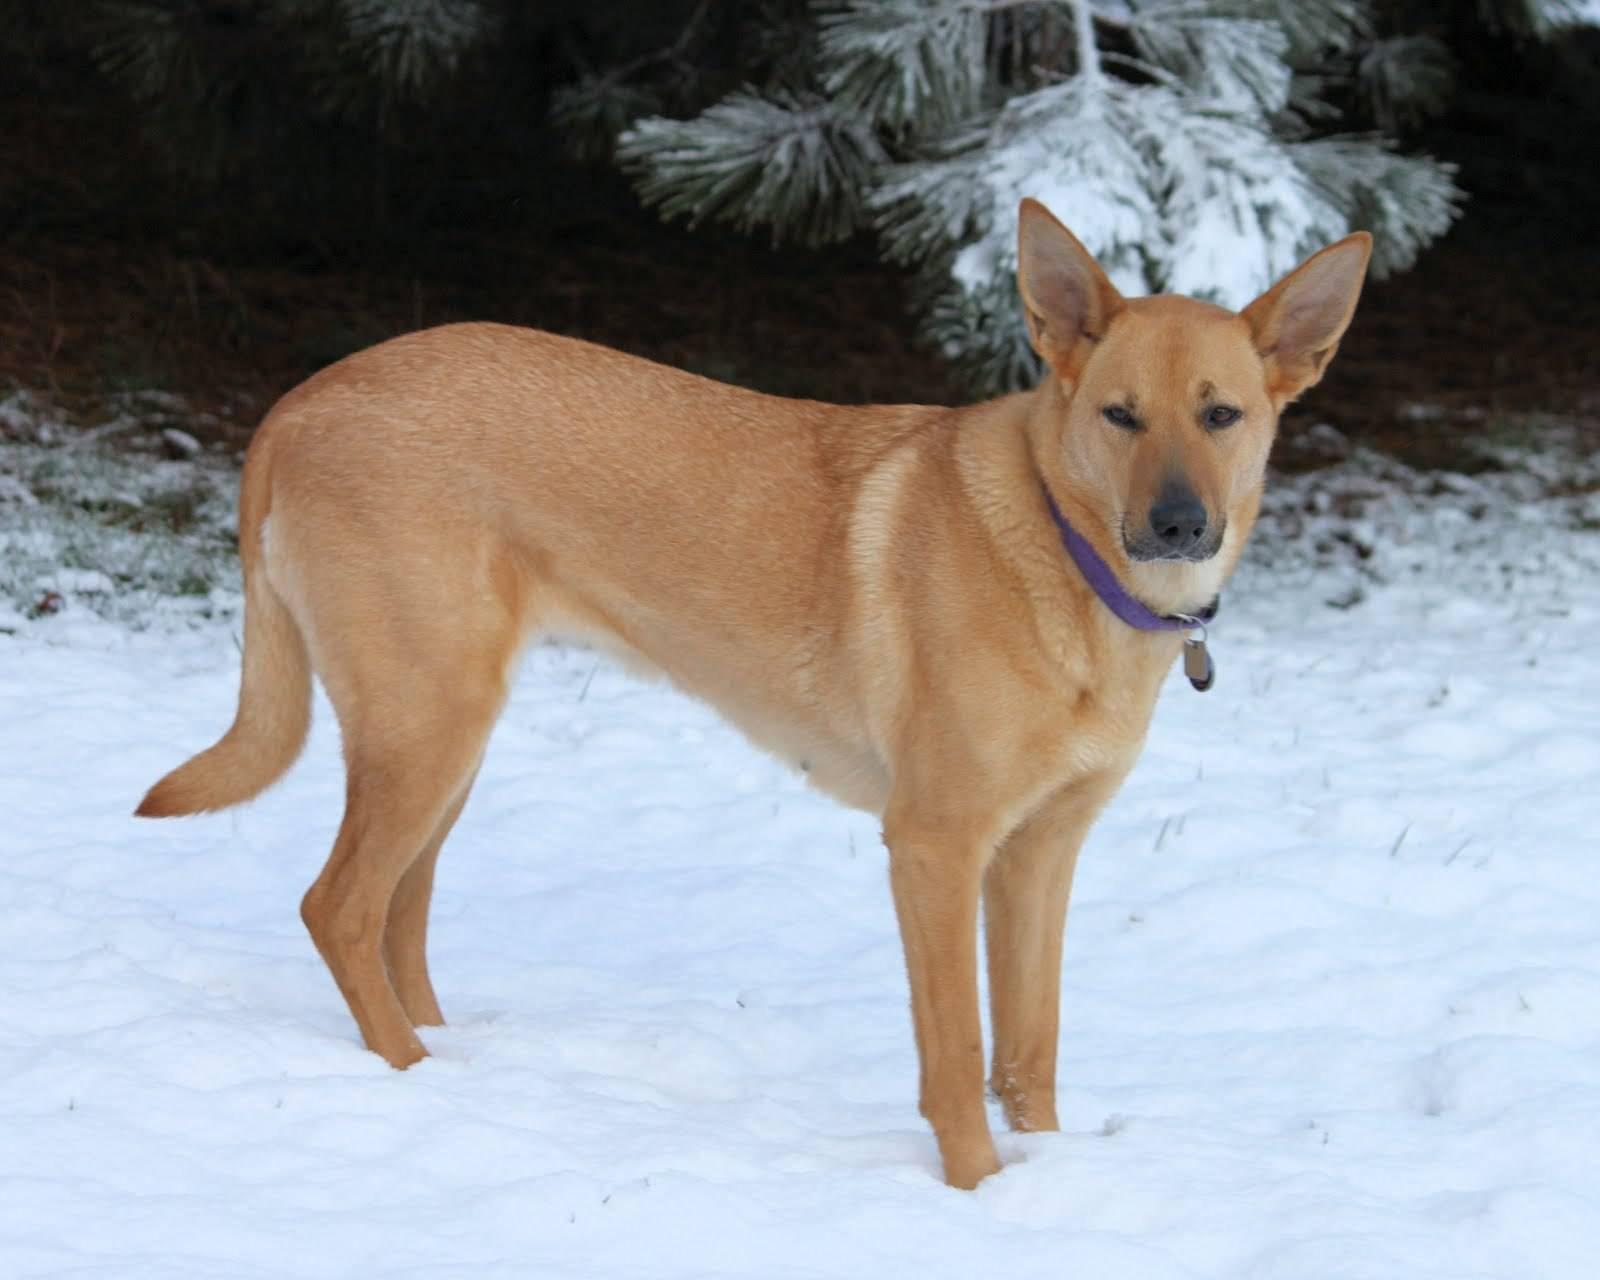 Чинук: 115 фото и видео описание породы. видео советы по уходу владельцев собак и кинологов